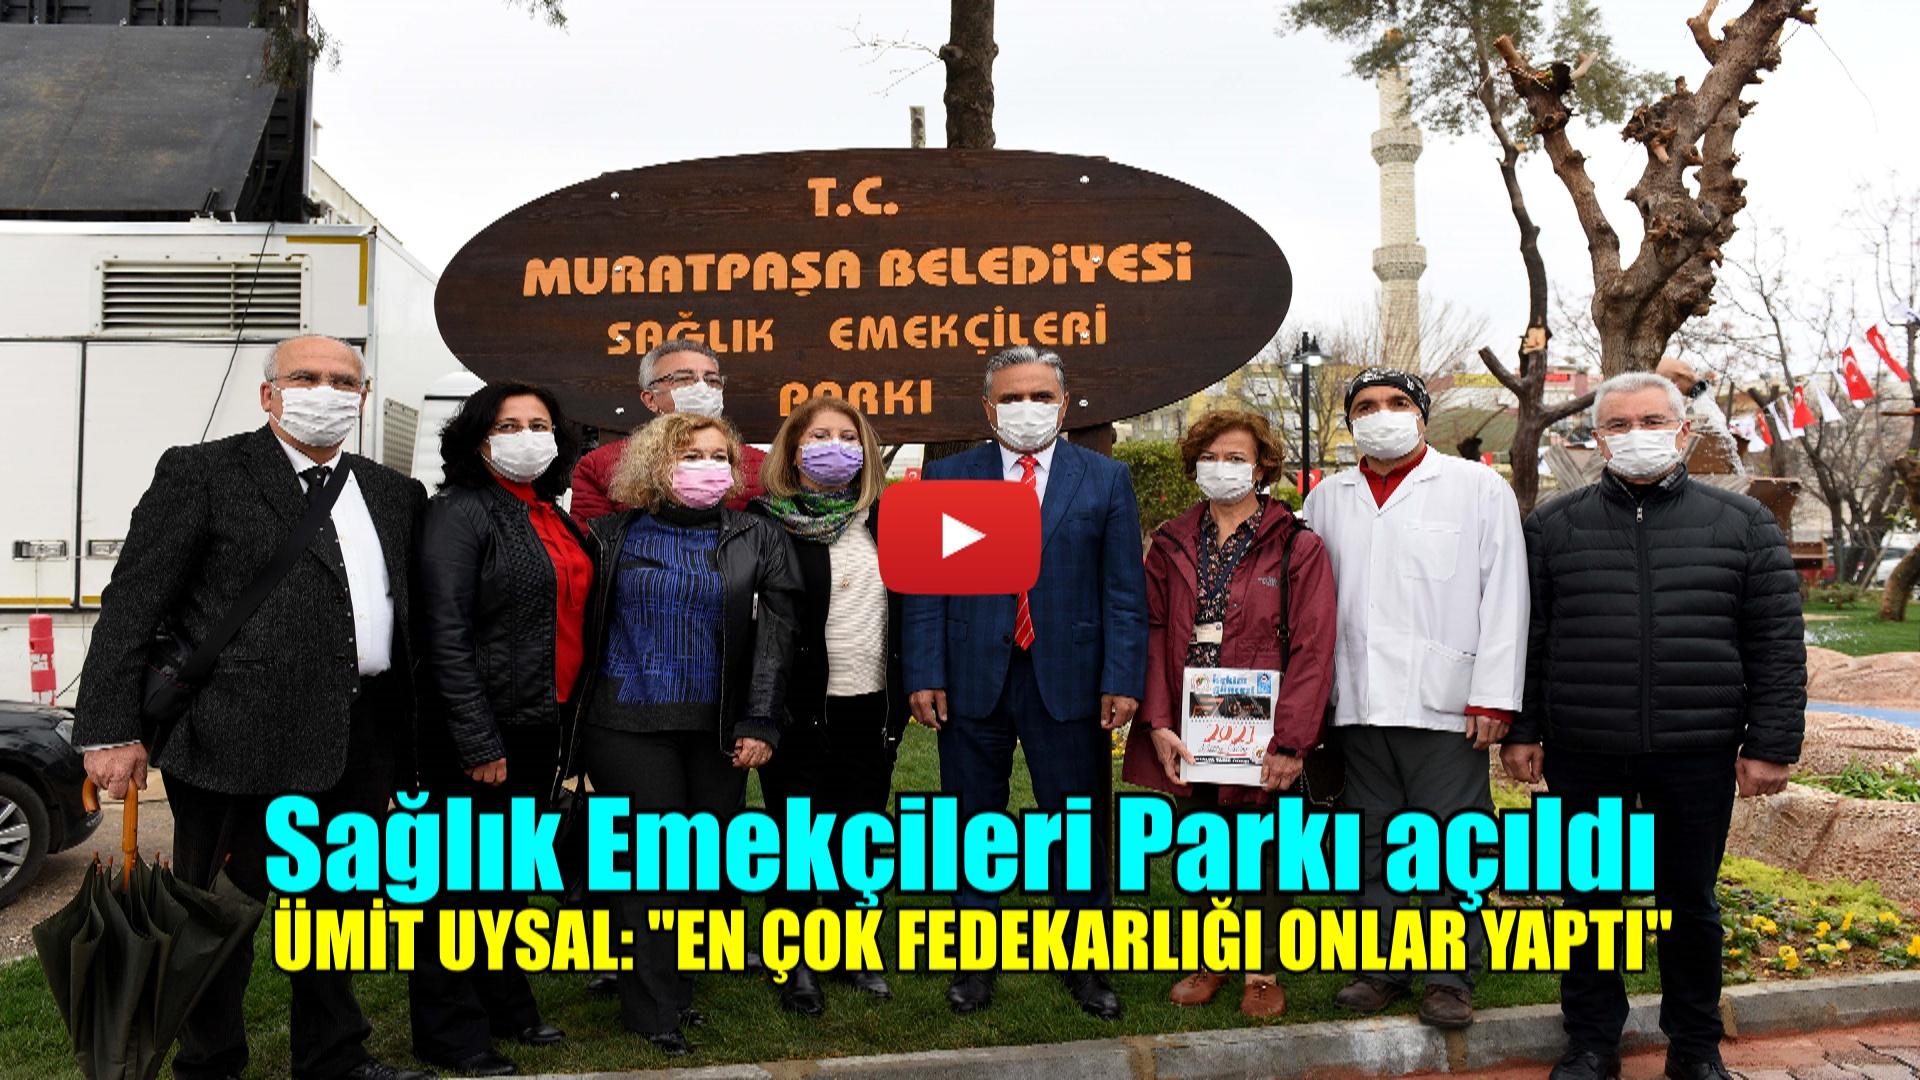 Sağlık Emekçileri Parkı açıldı